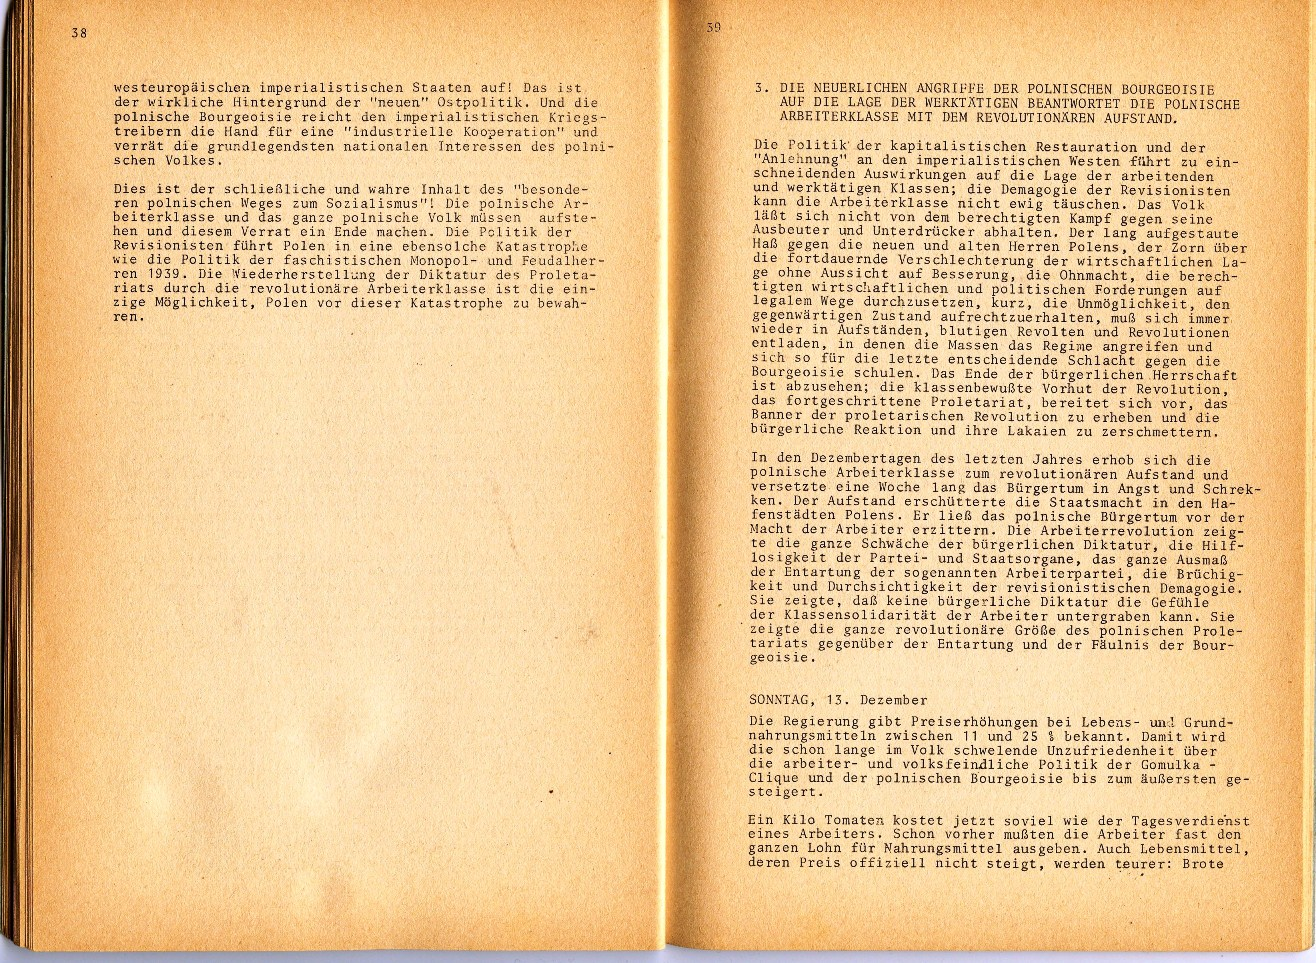 ZB_Polen_Aufstand_1971_23